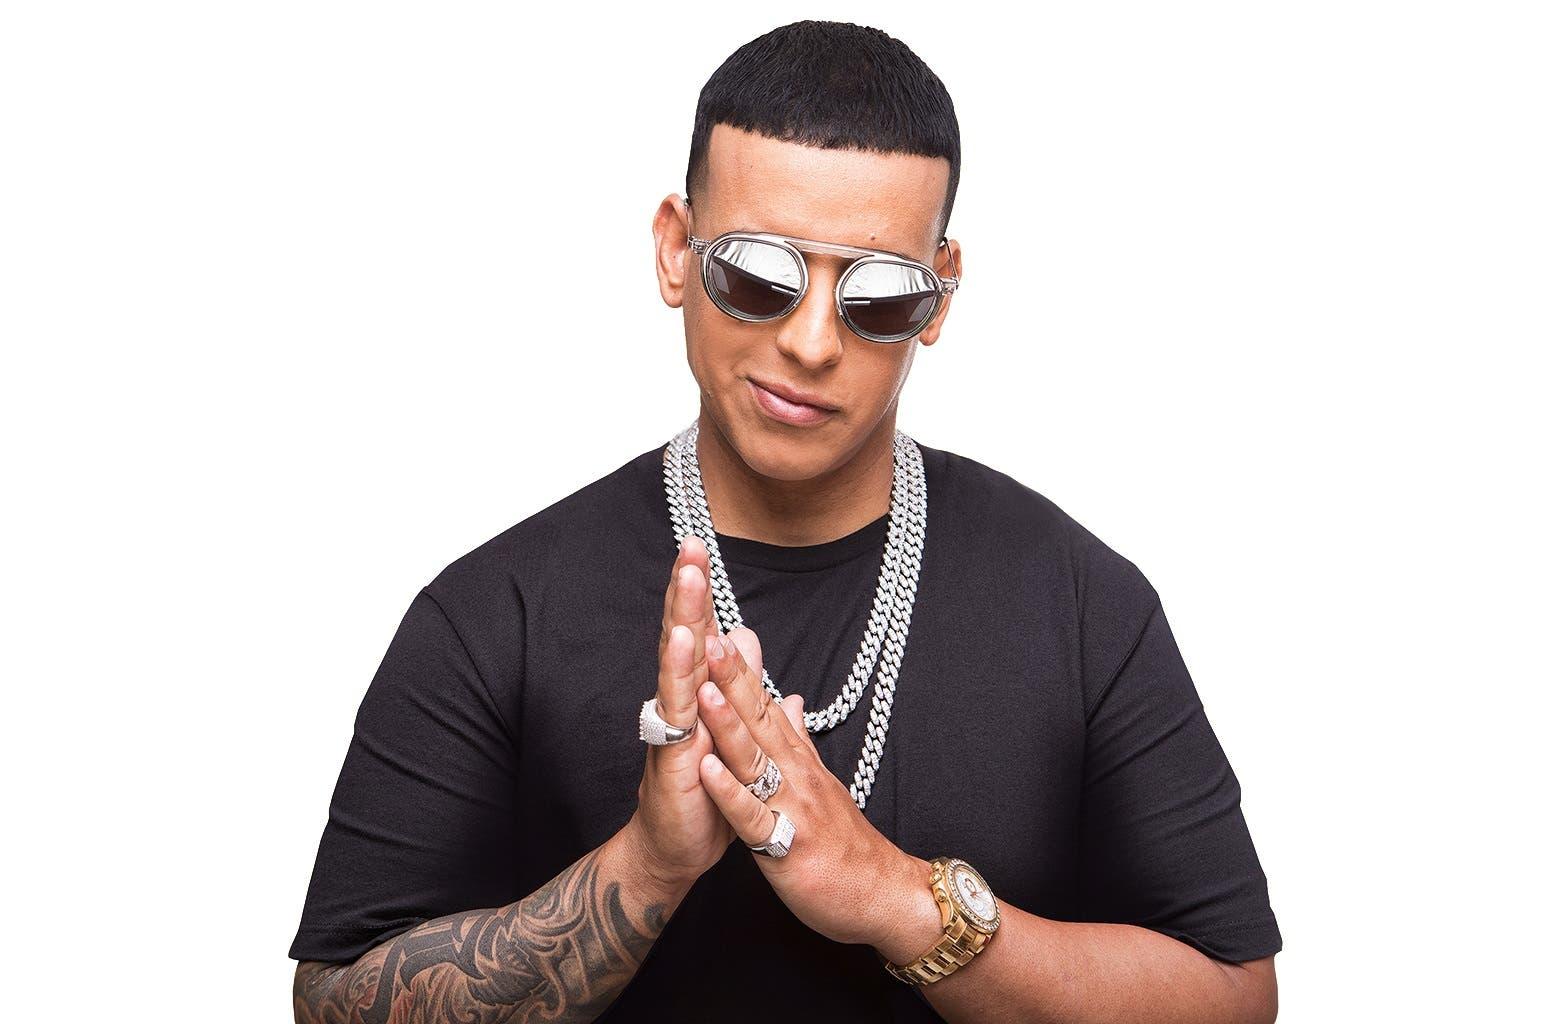 Video de Daddy Yankee con Vida Isabelle, la hija de Natti Natasha y Raphy Pina